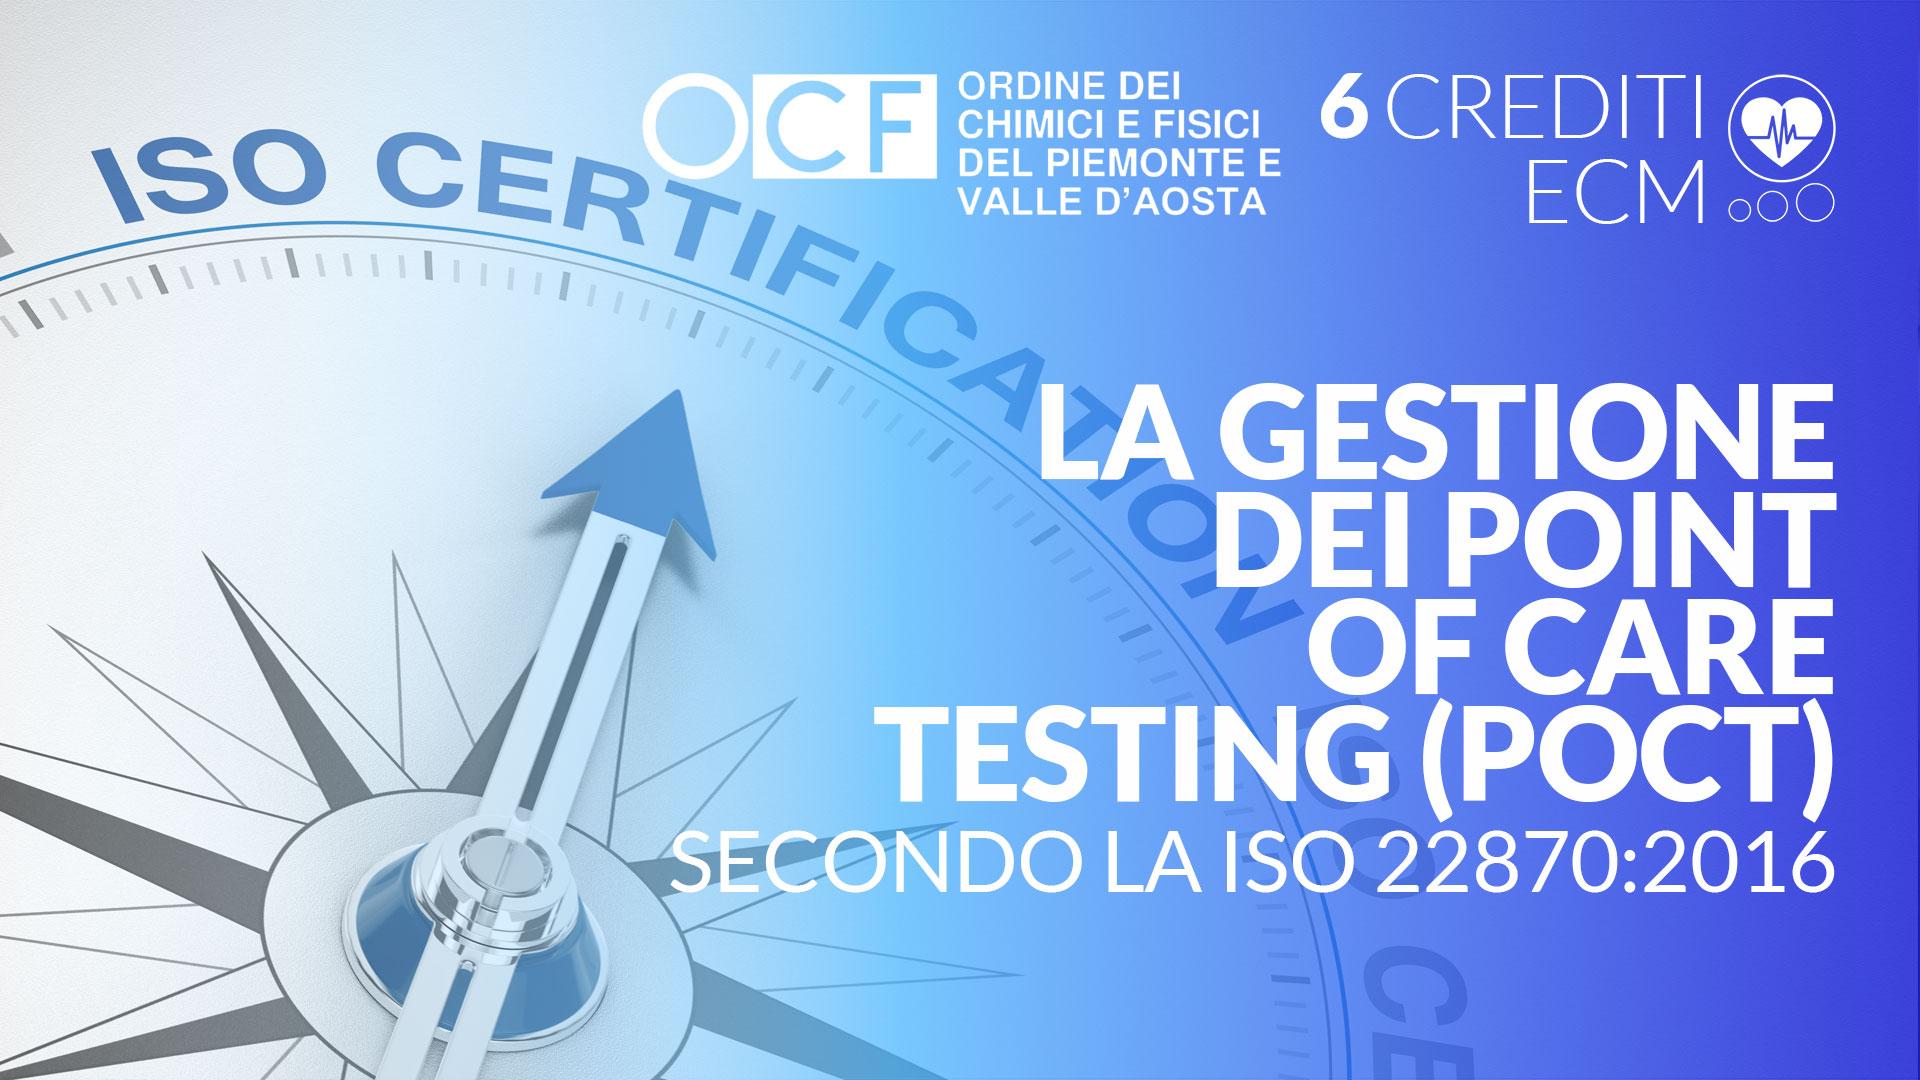 La Gestione Dei Point Of Care Testing (Poct) Secondo La Iso 22870:2016